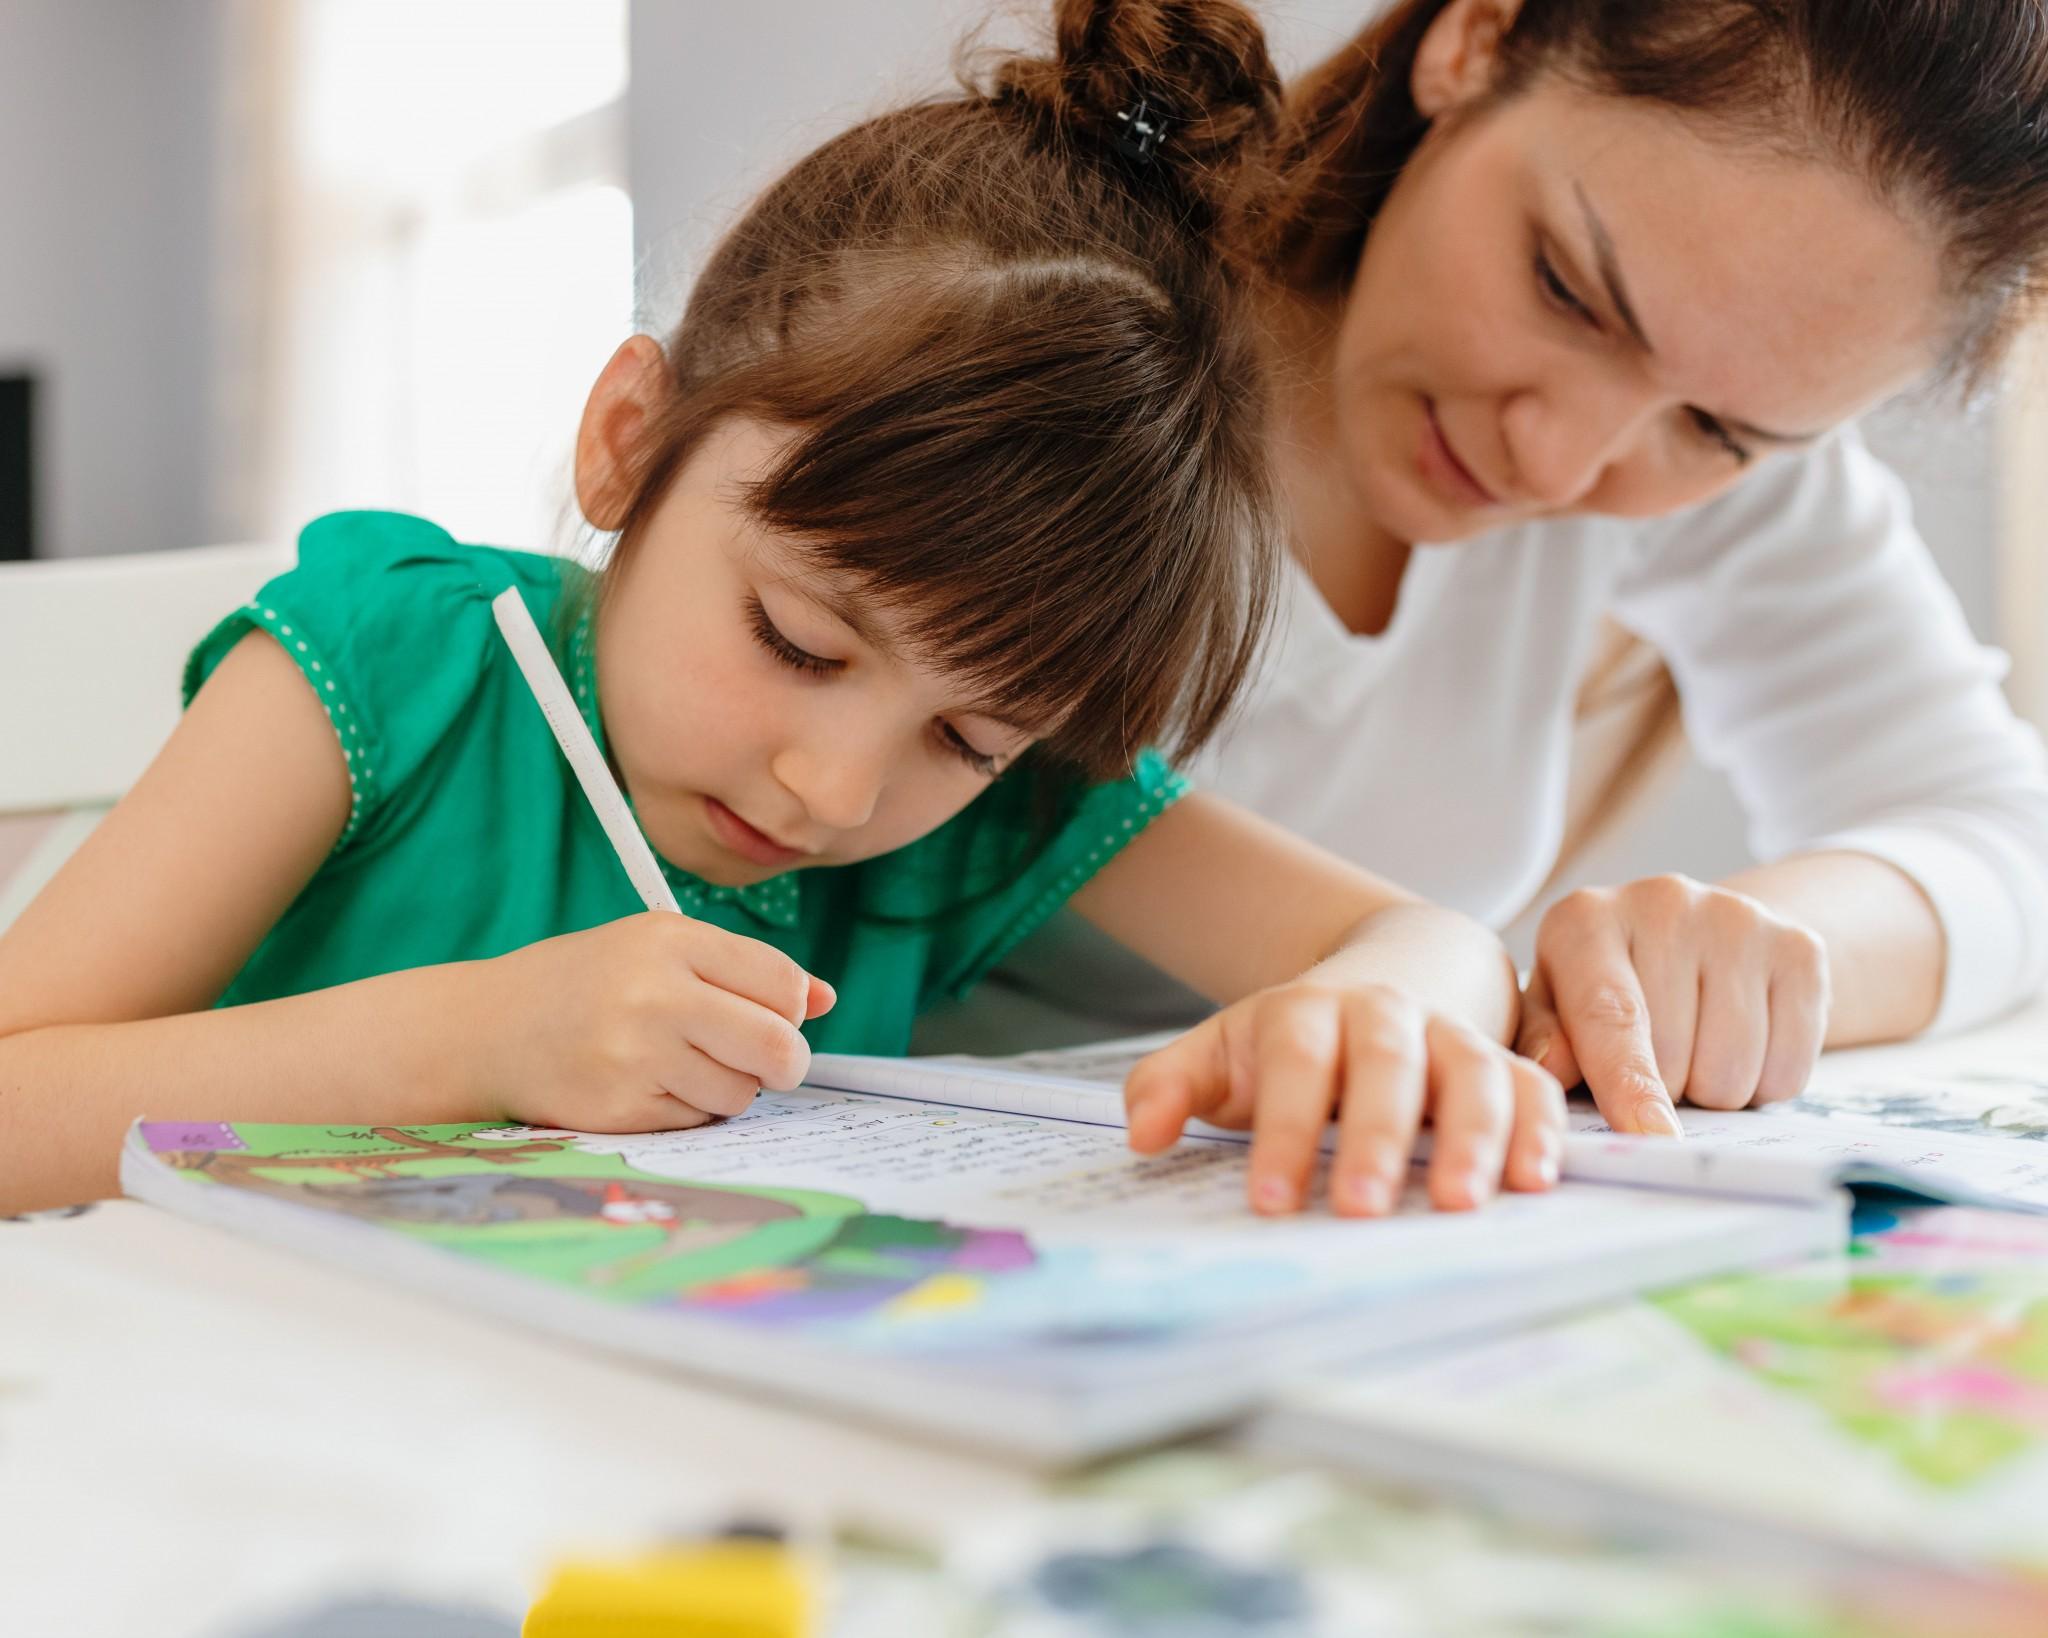 Erfahrungsberichte: So läuft es bei uns im Homeschooling